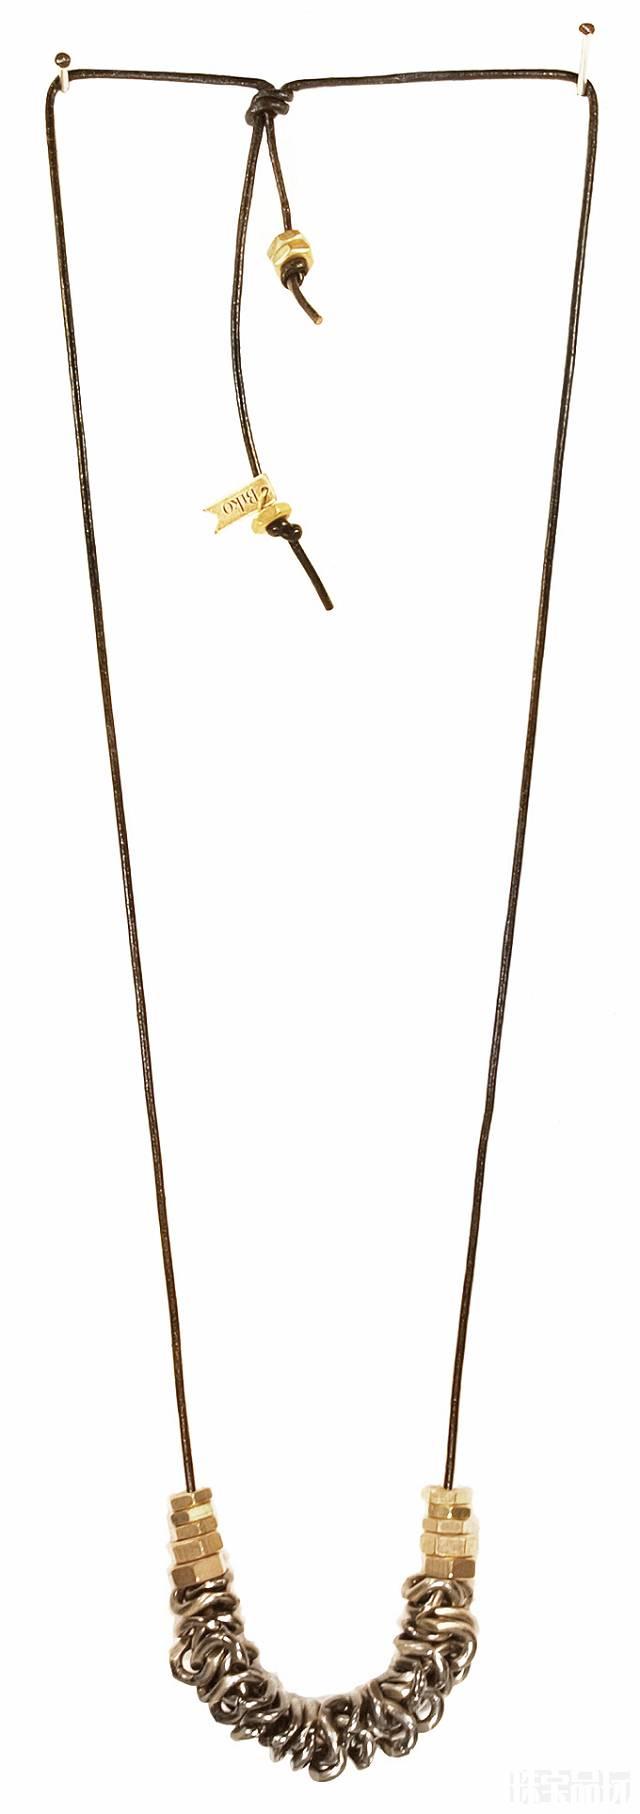 狂妄不羁的Biko 2011秋冬首饰系列-珠宝首饰展示【行业精选】